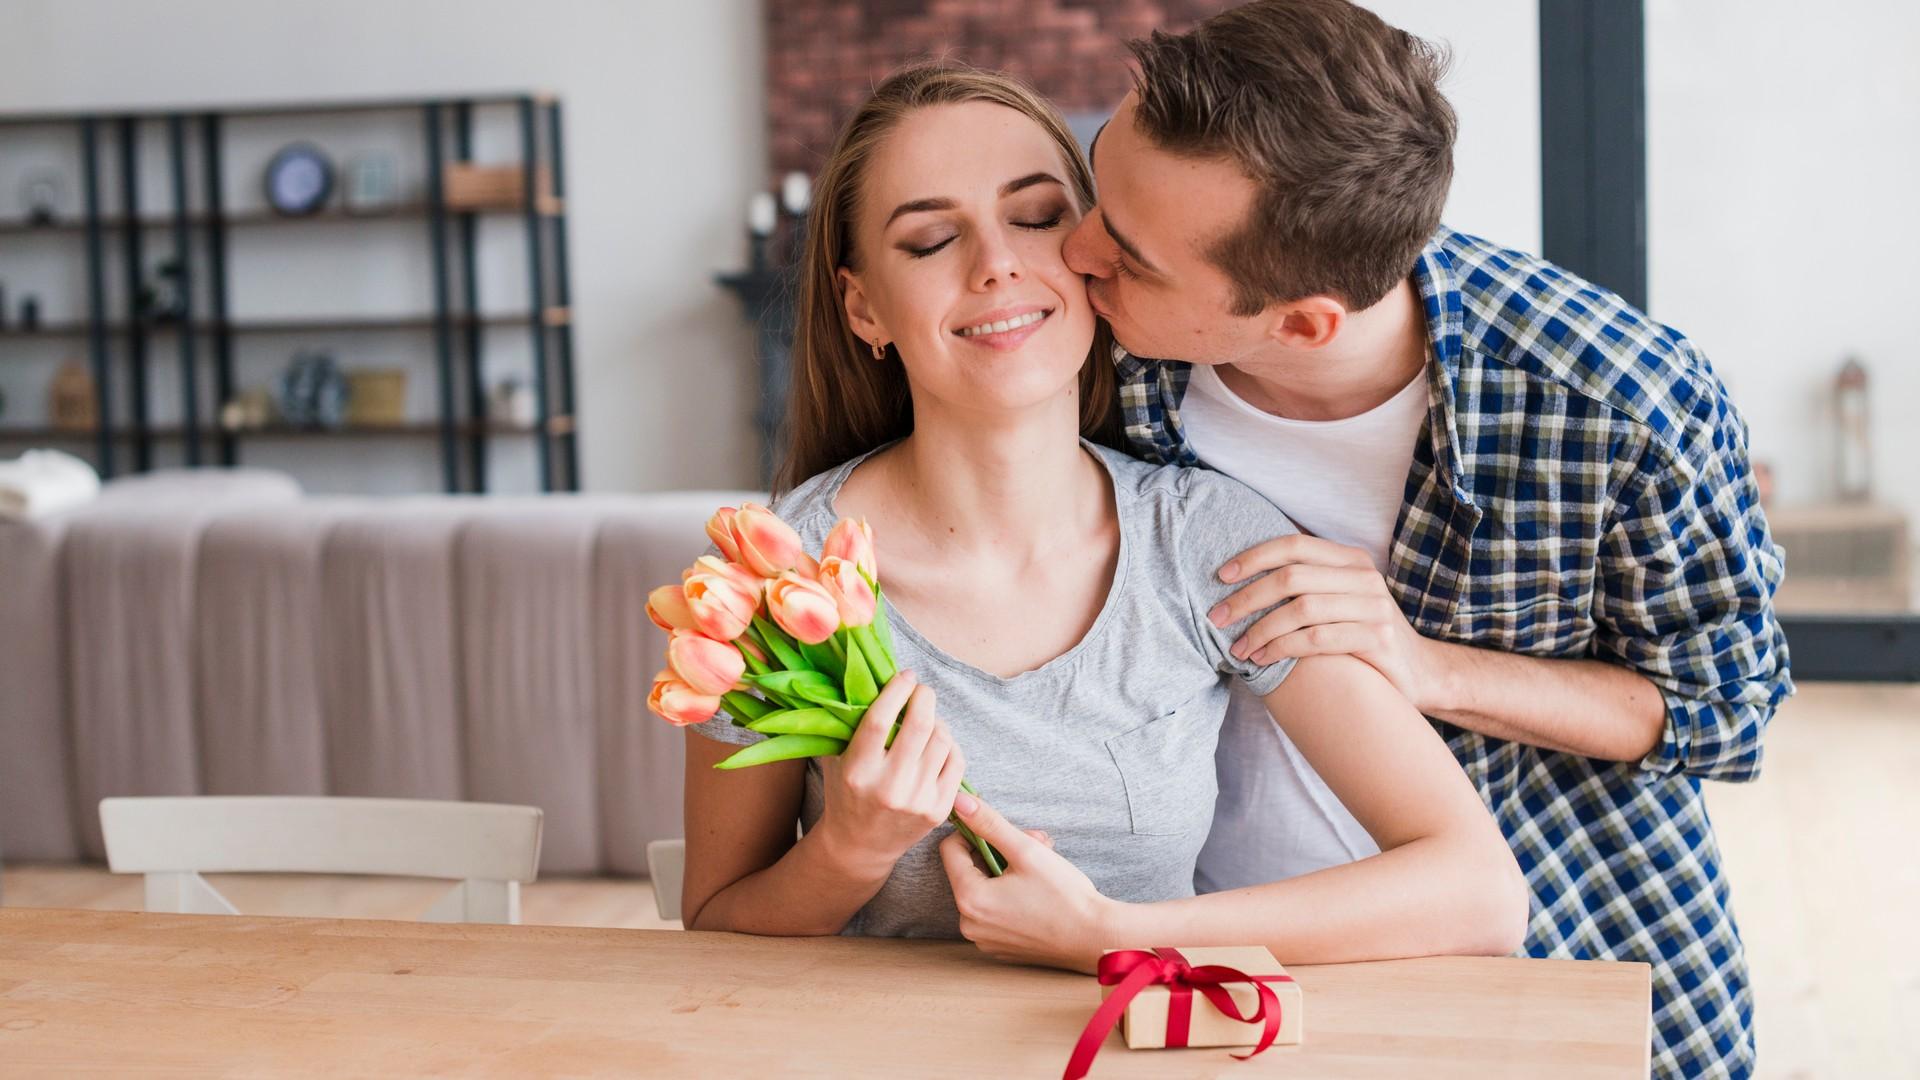 Как у мужчины просить денег и подарки: главные правила игры